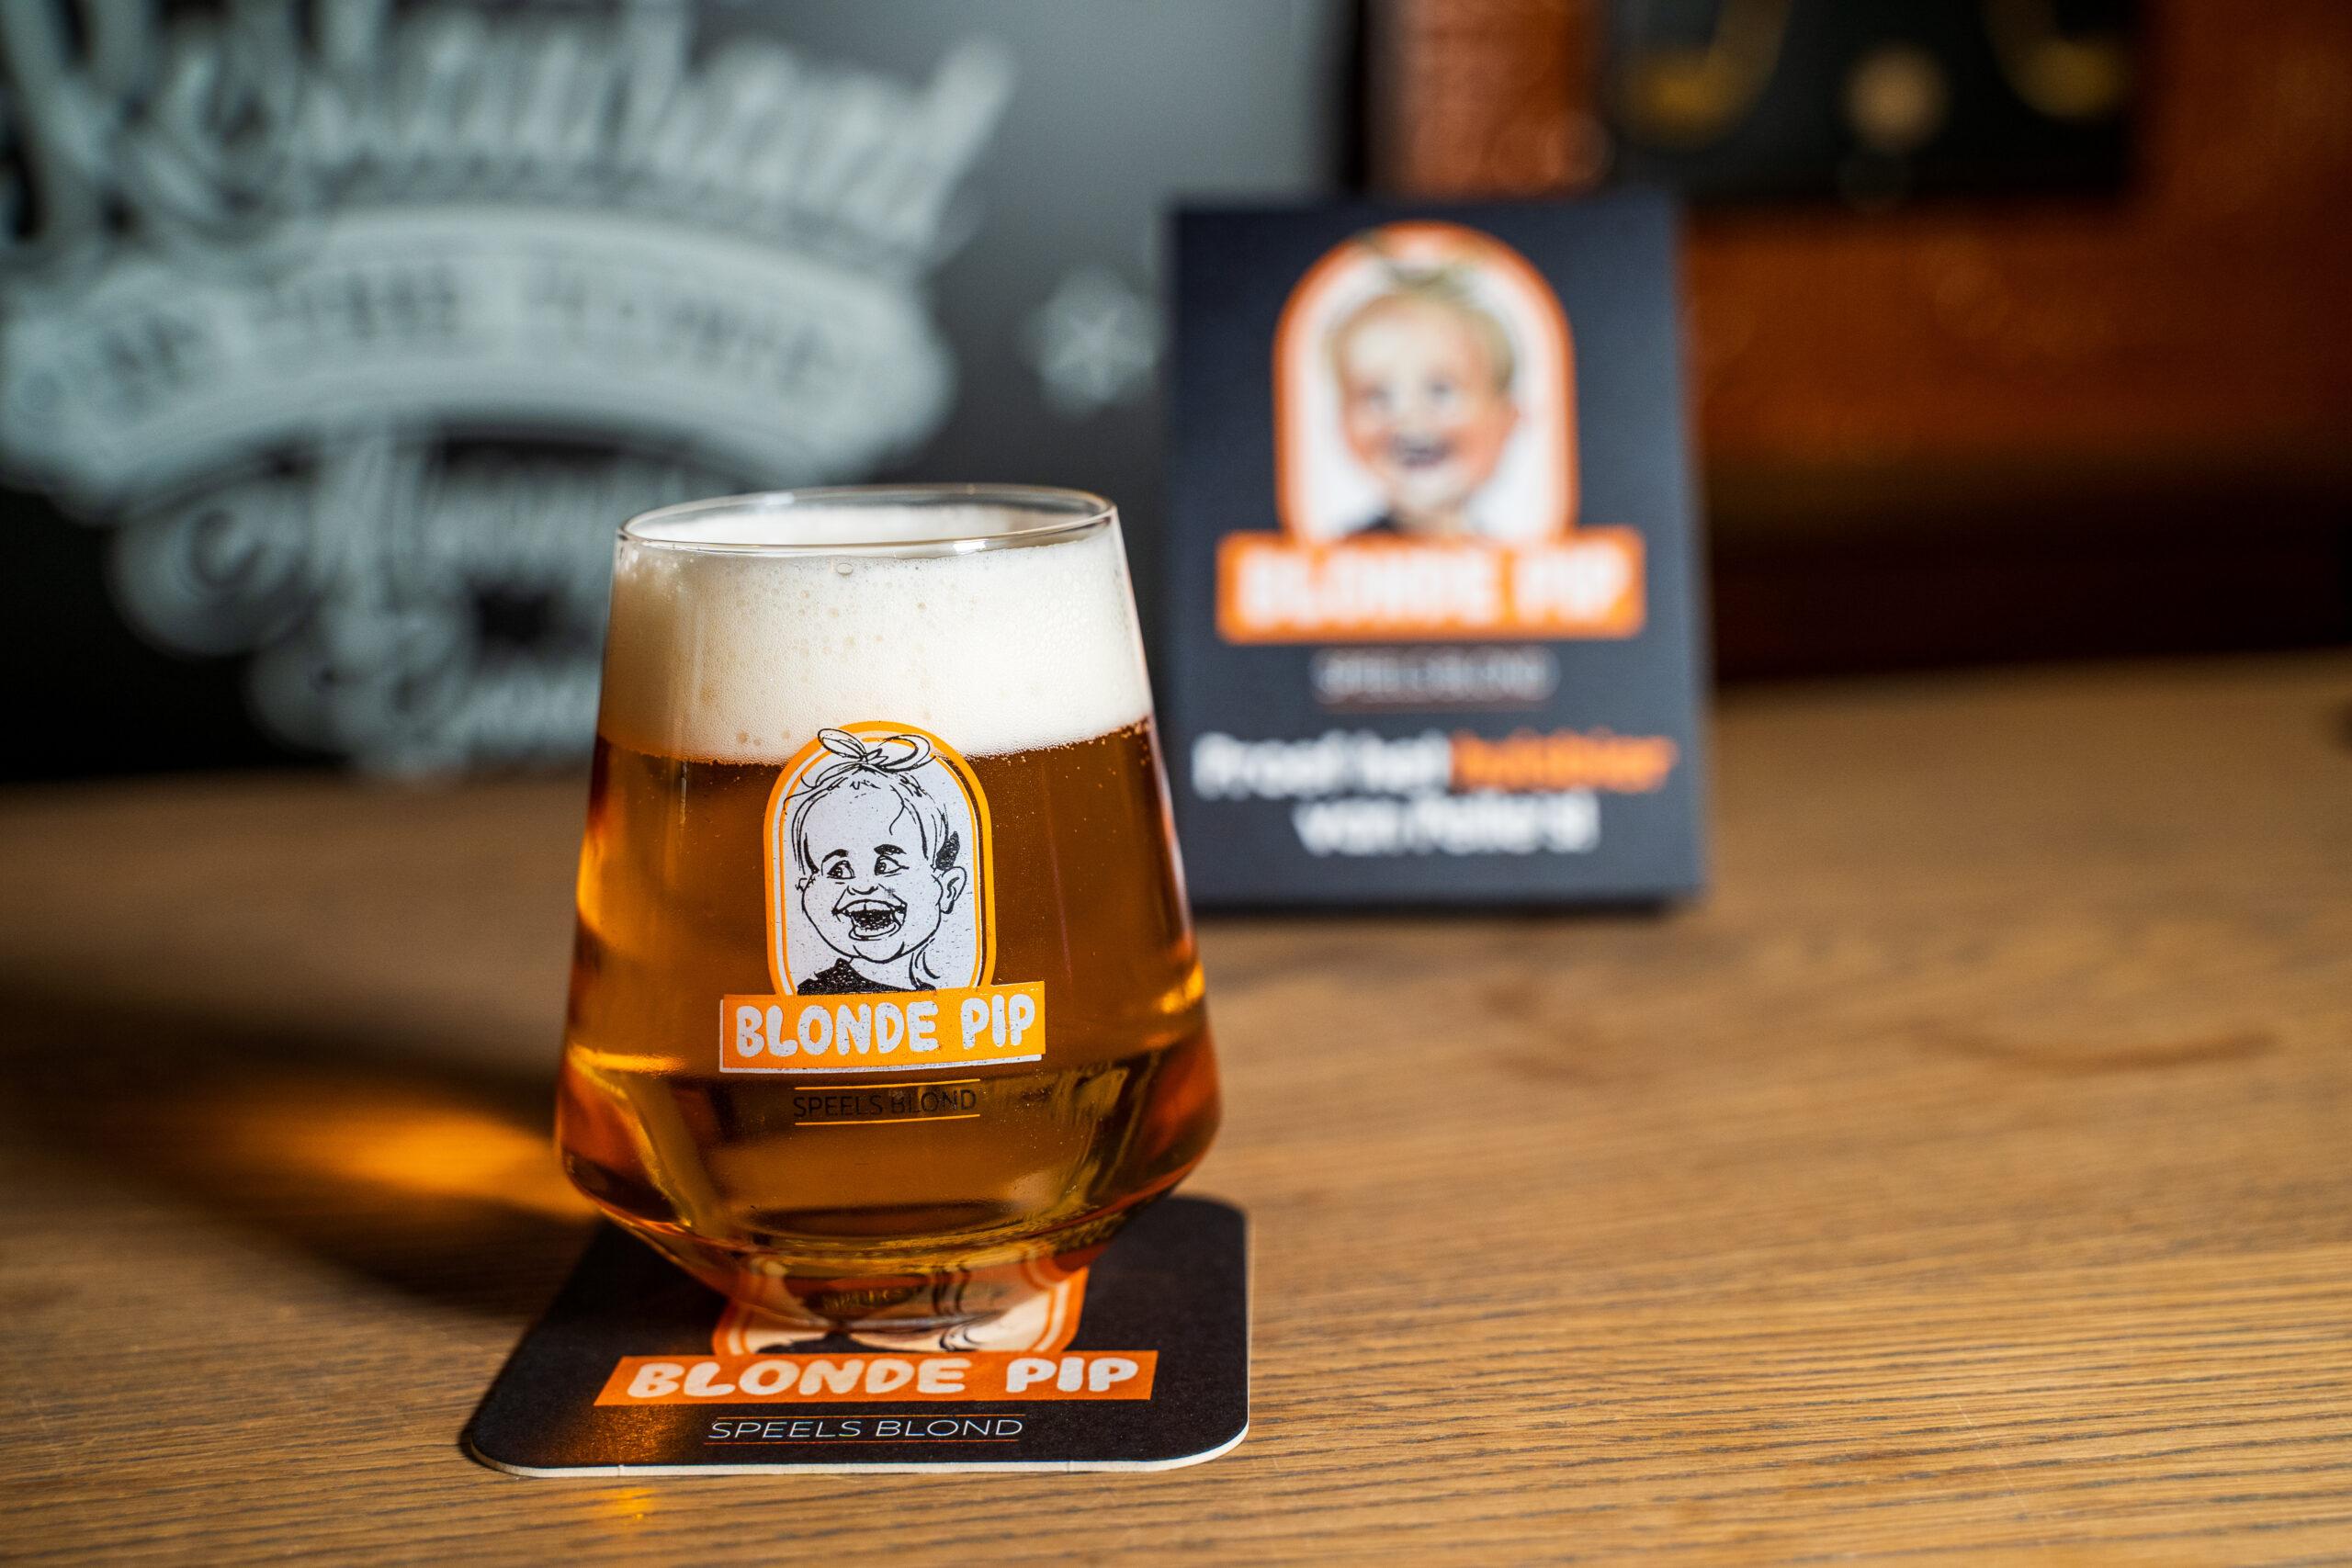 BlondePip-biertje-01